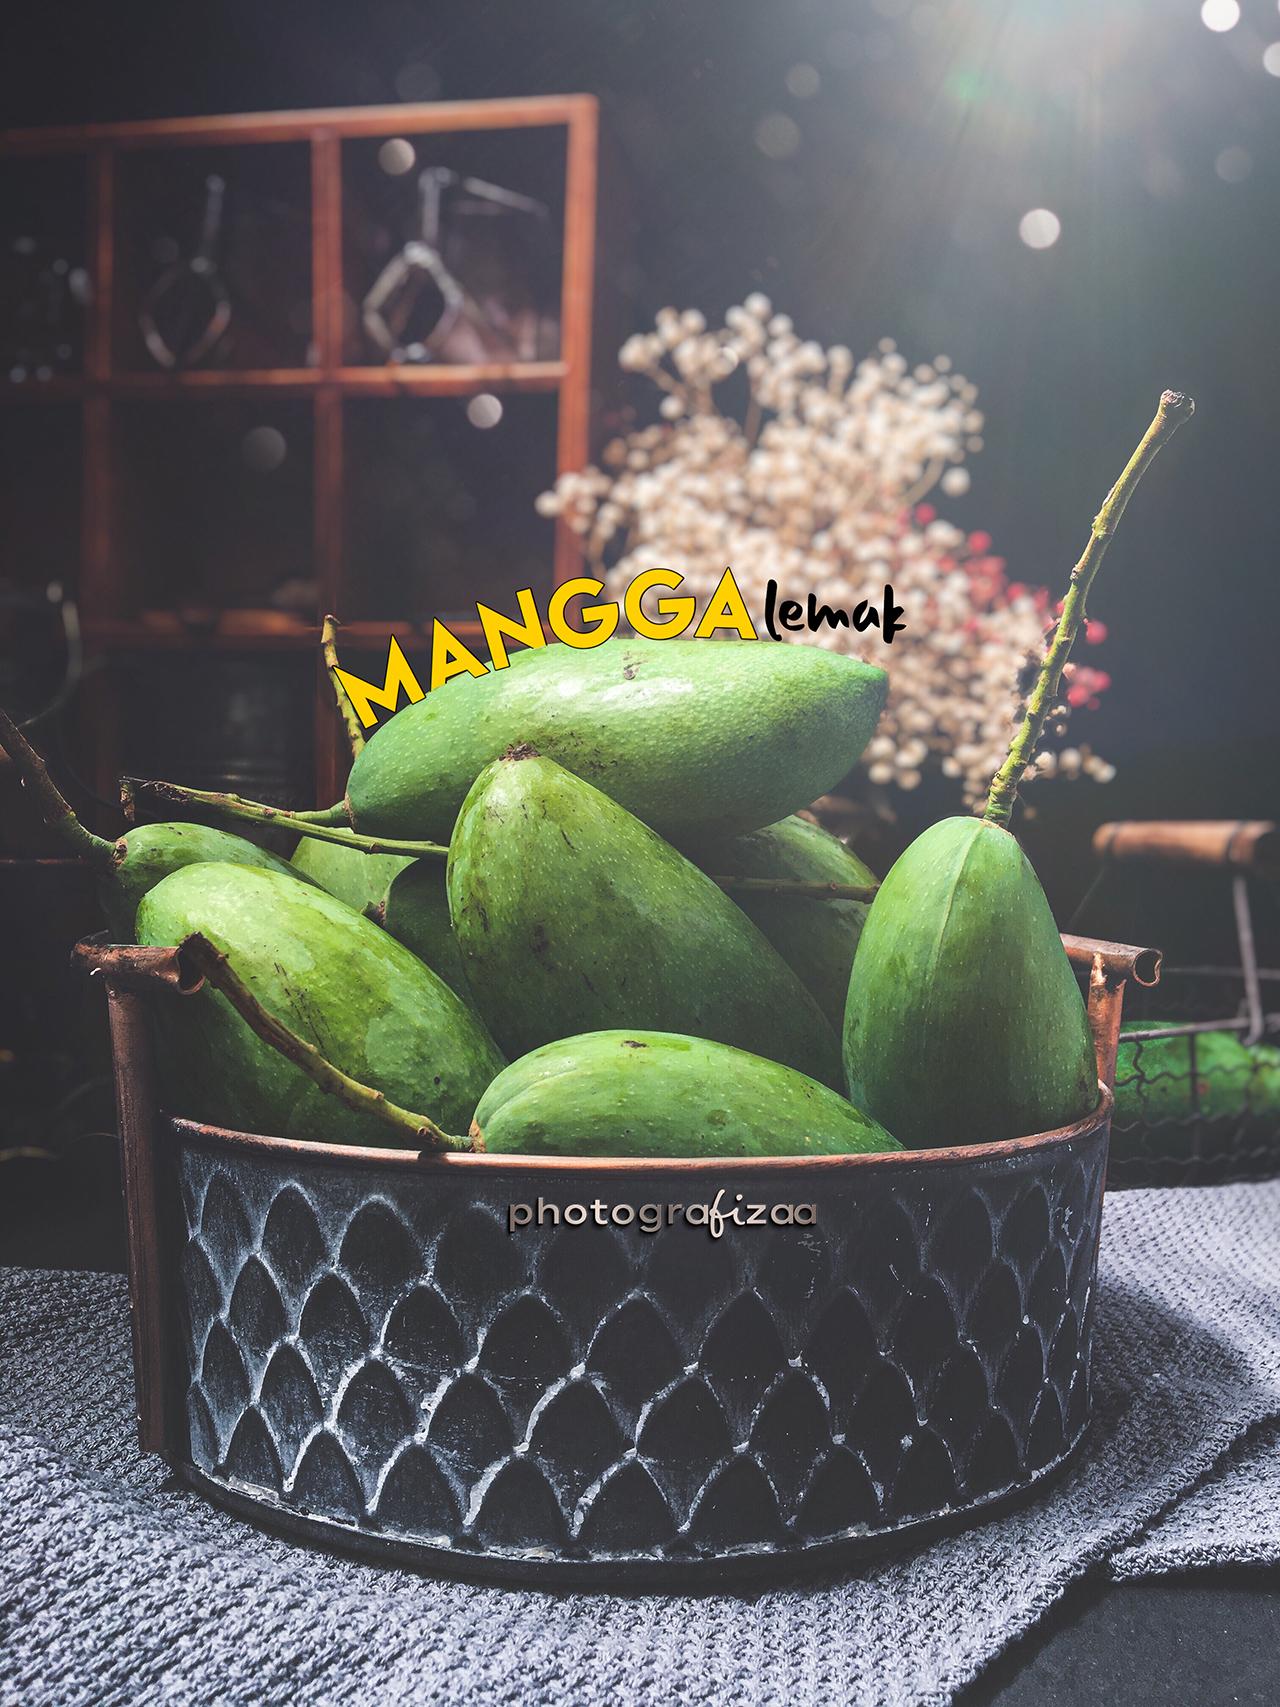 Mangga Lemak Manis